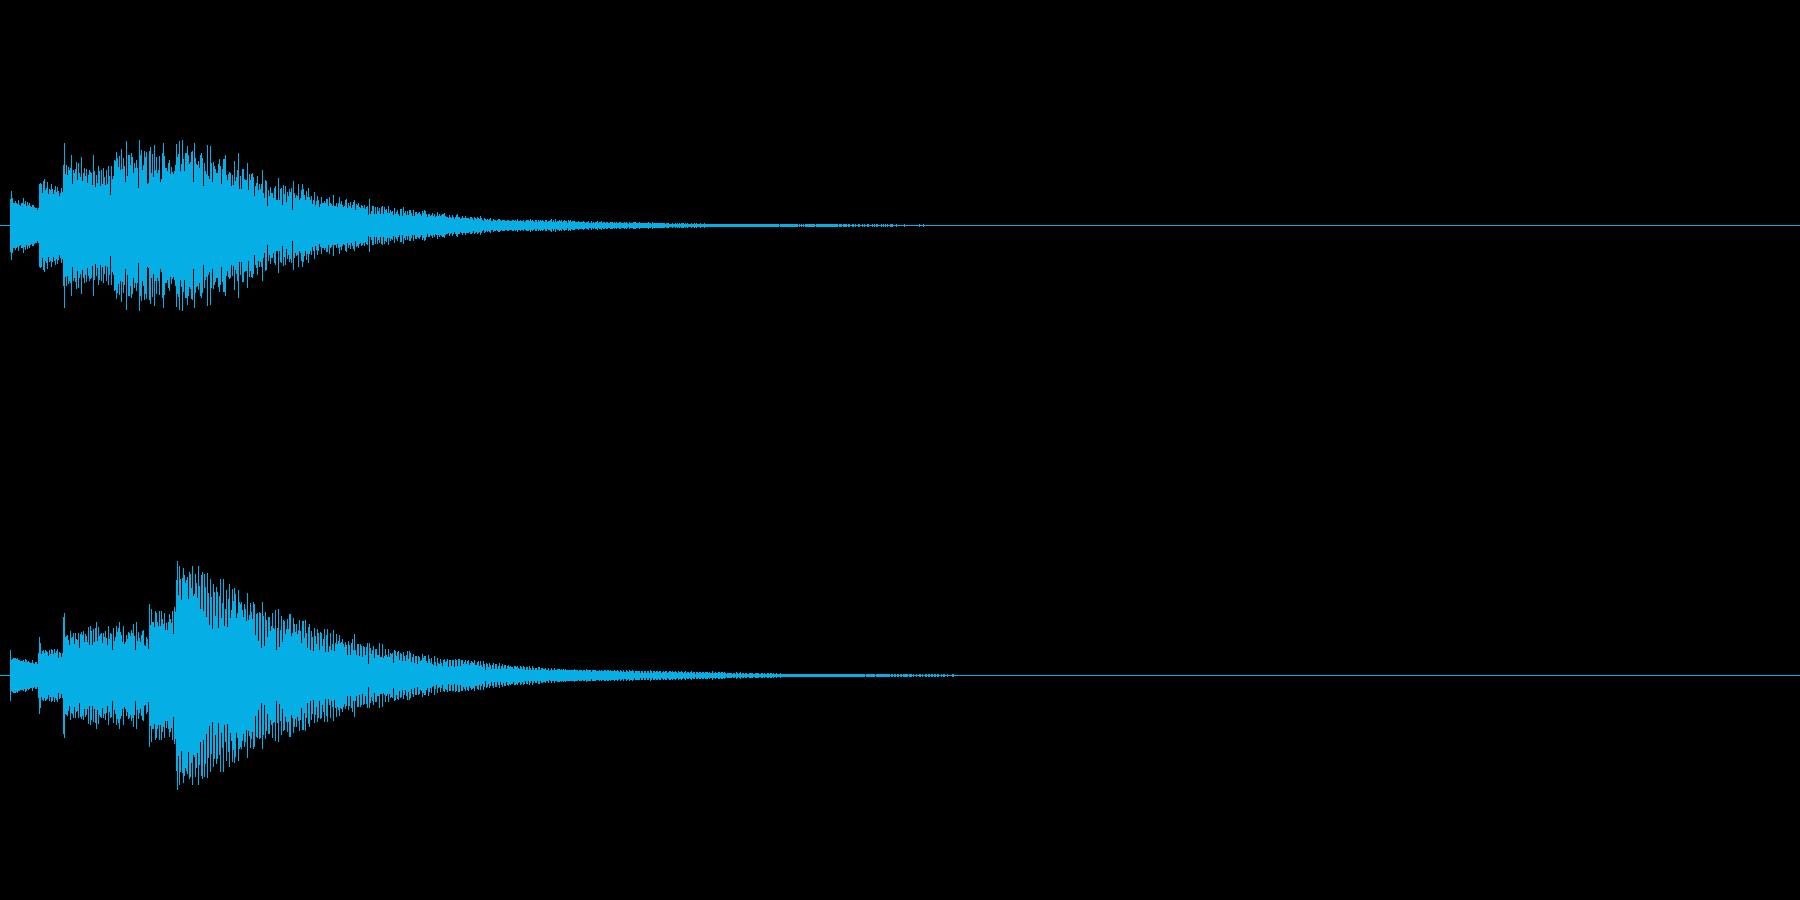 【ショートブリッジ02-1】の再生済みの波形